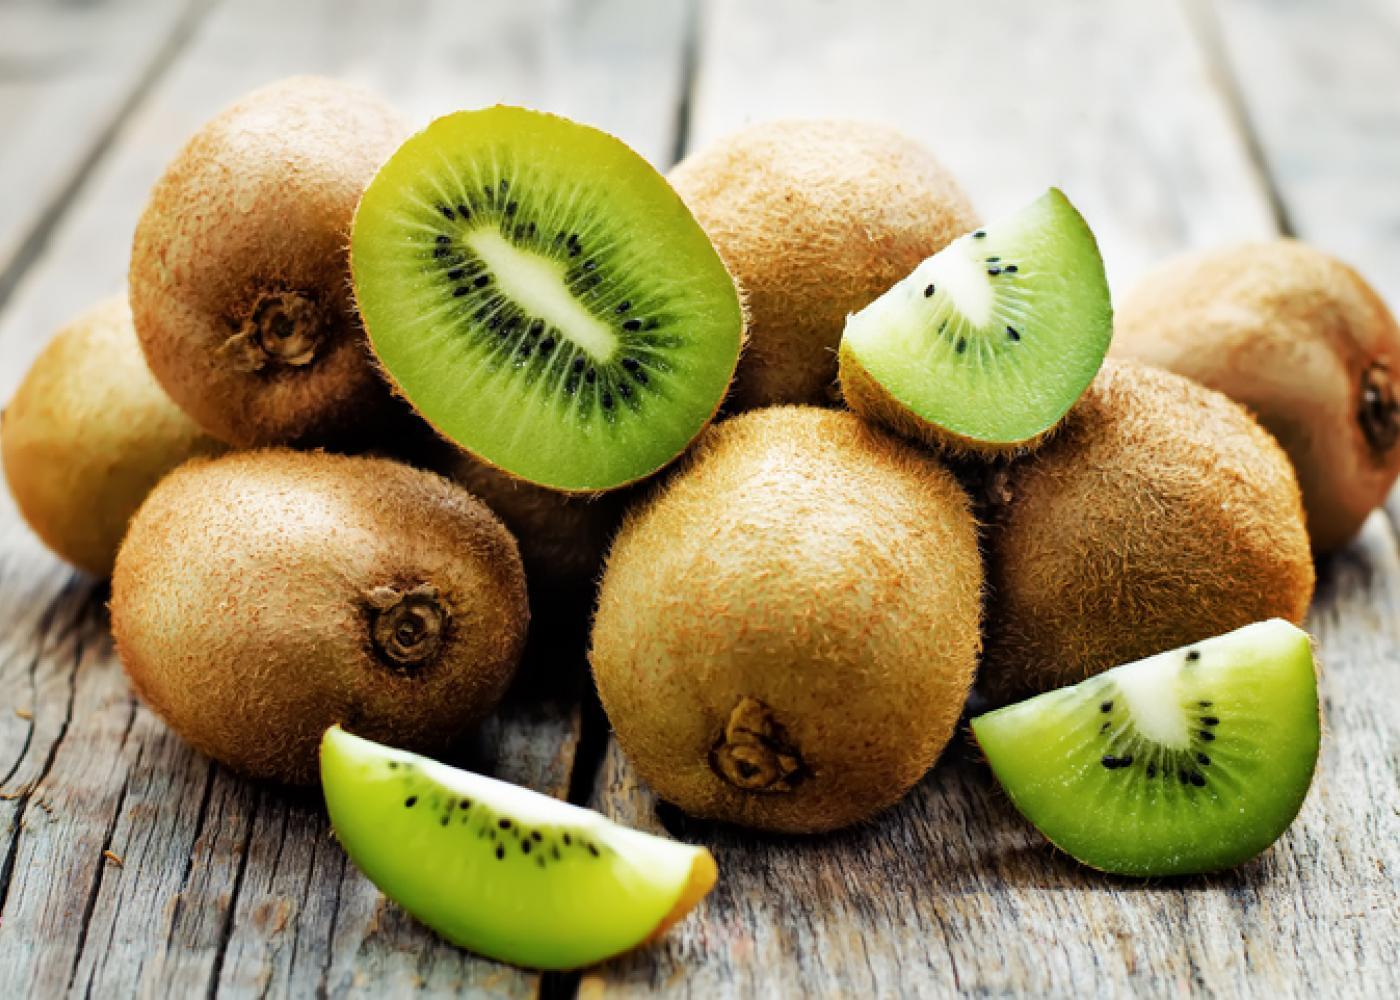 Descubra os benefícios do kiwi